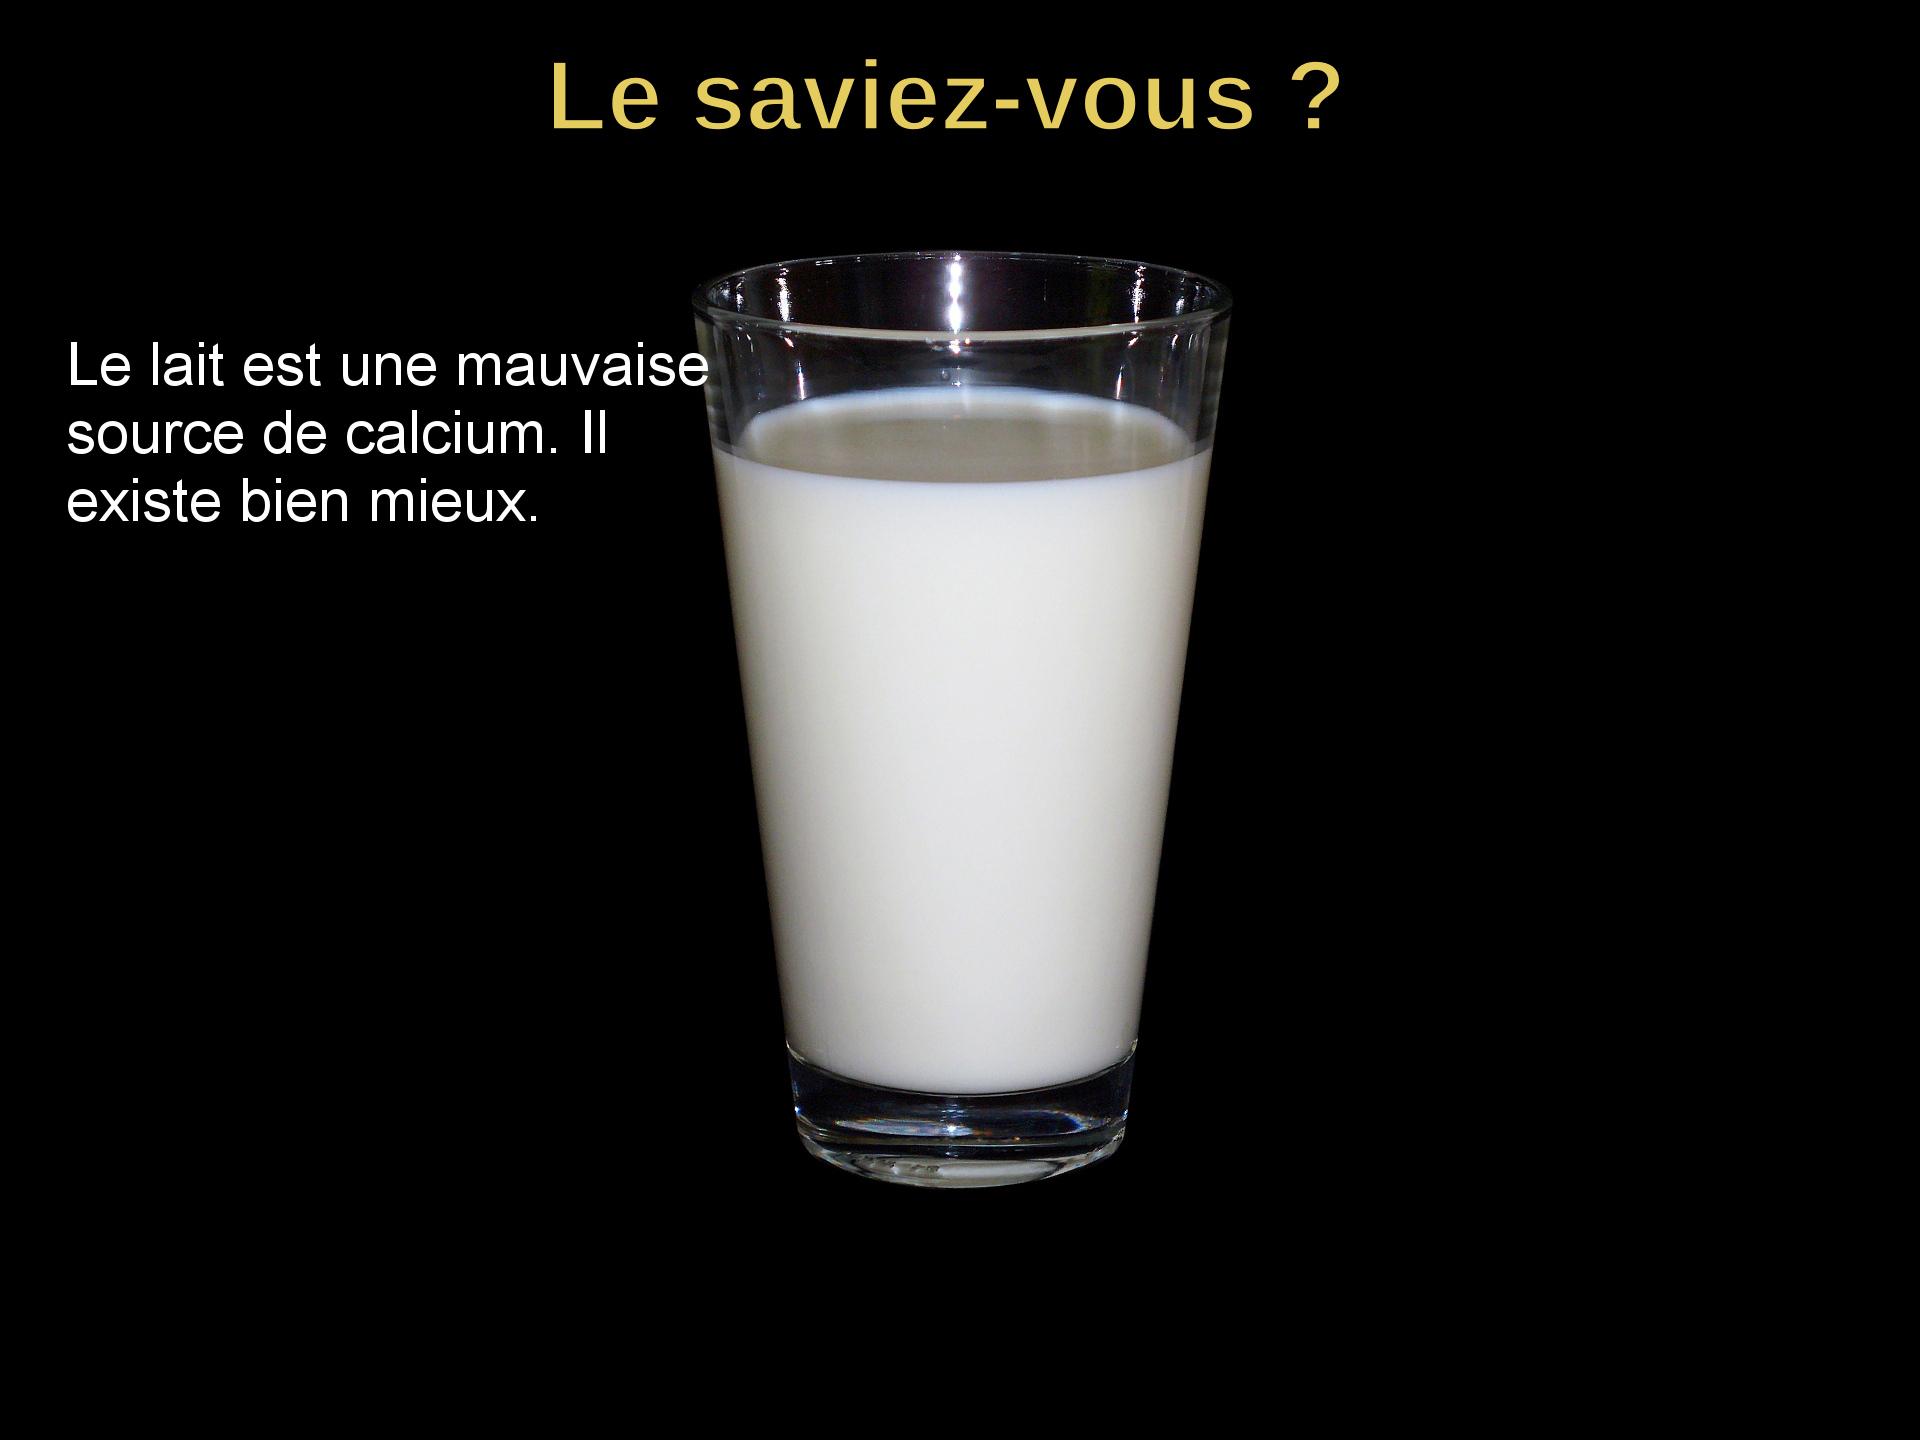 Le lait est une mauvaise source de calcium